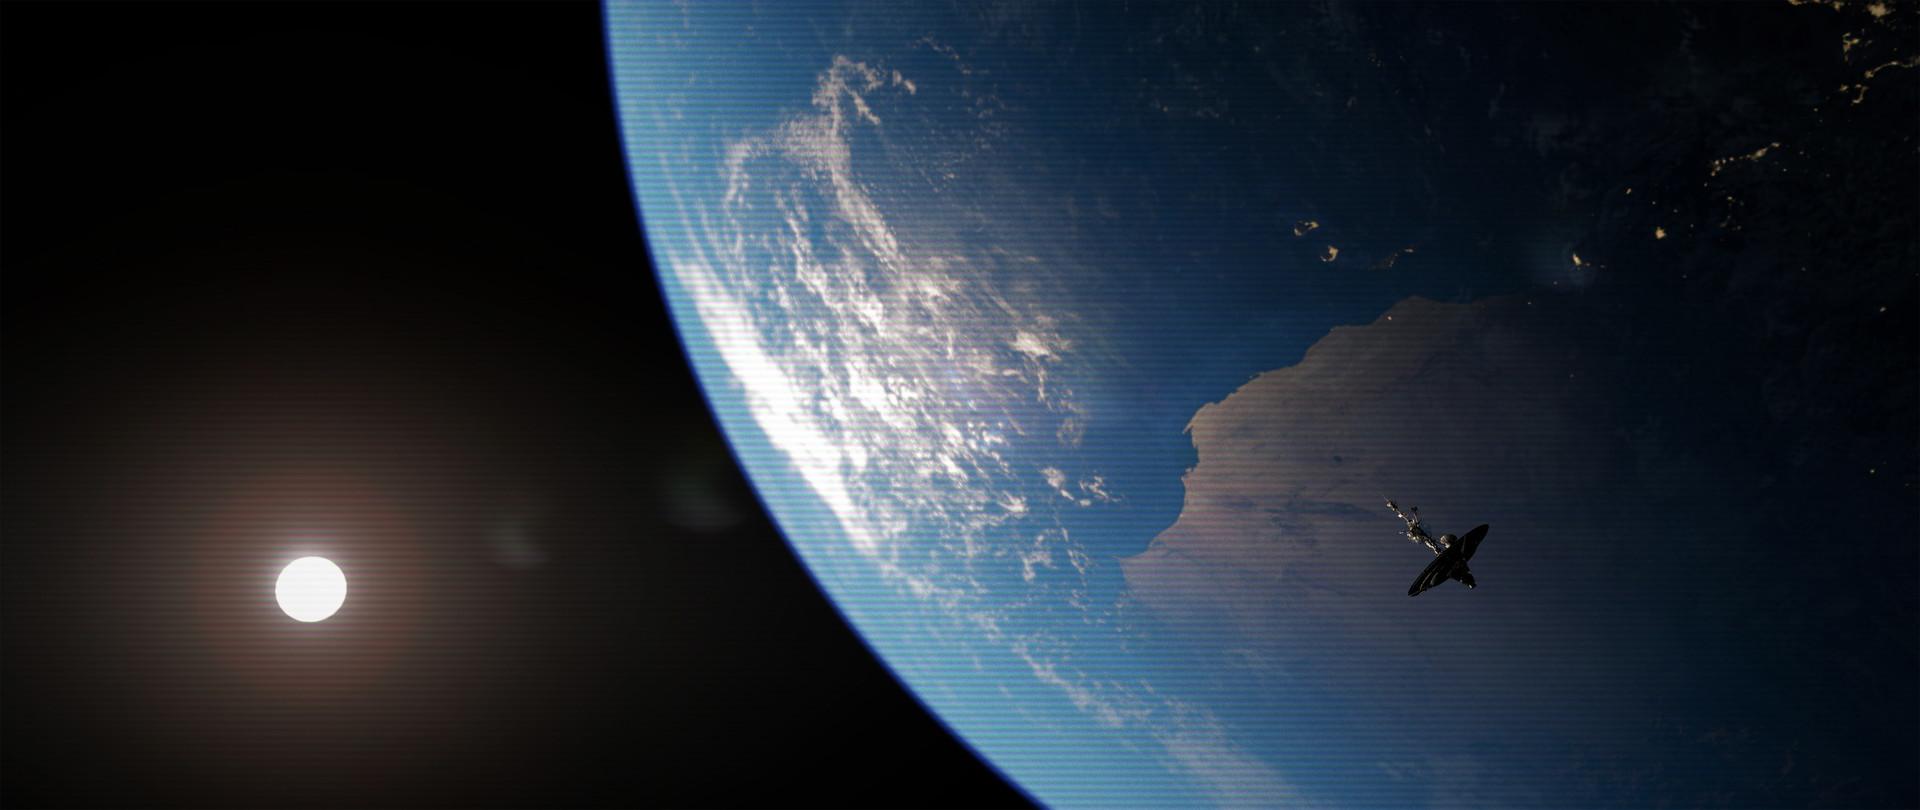 Joe garth earth tinyship